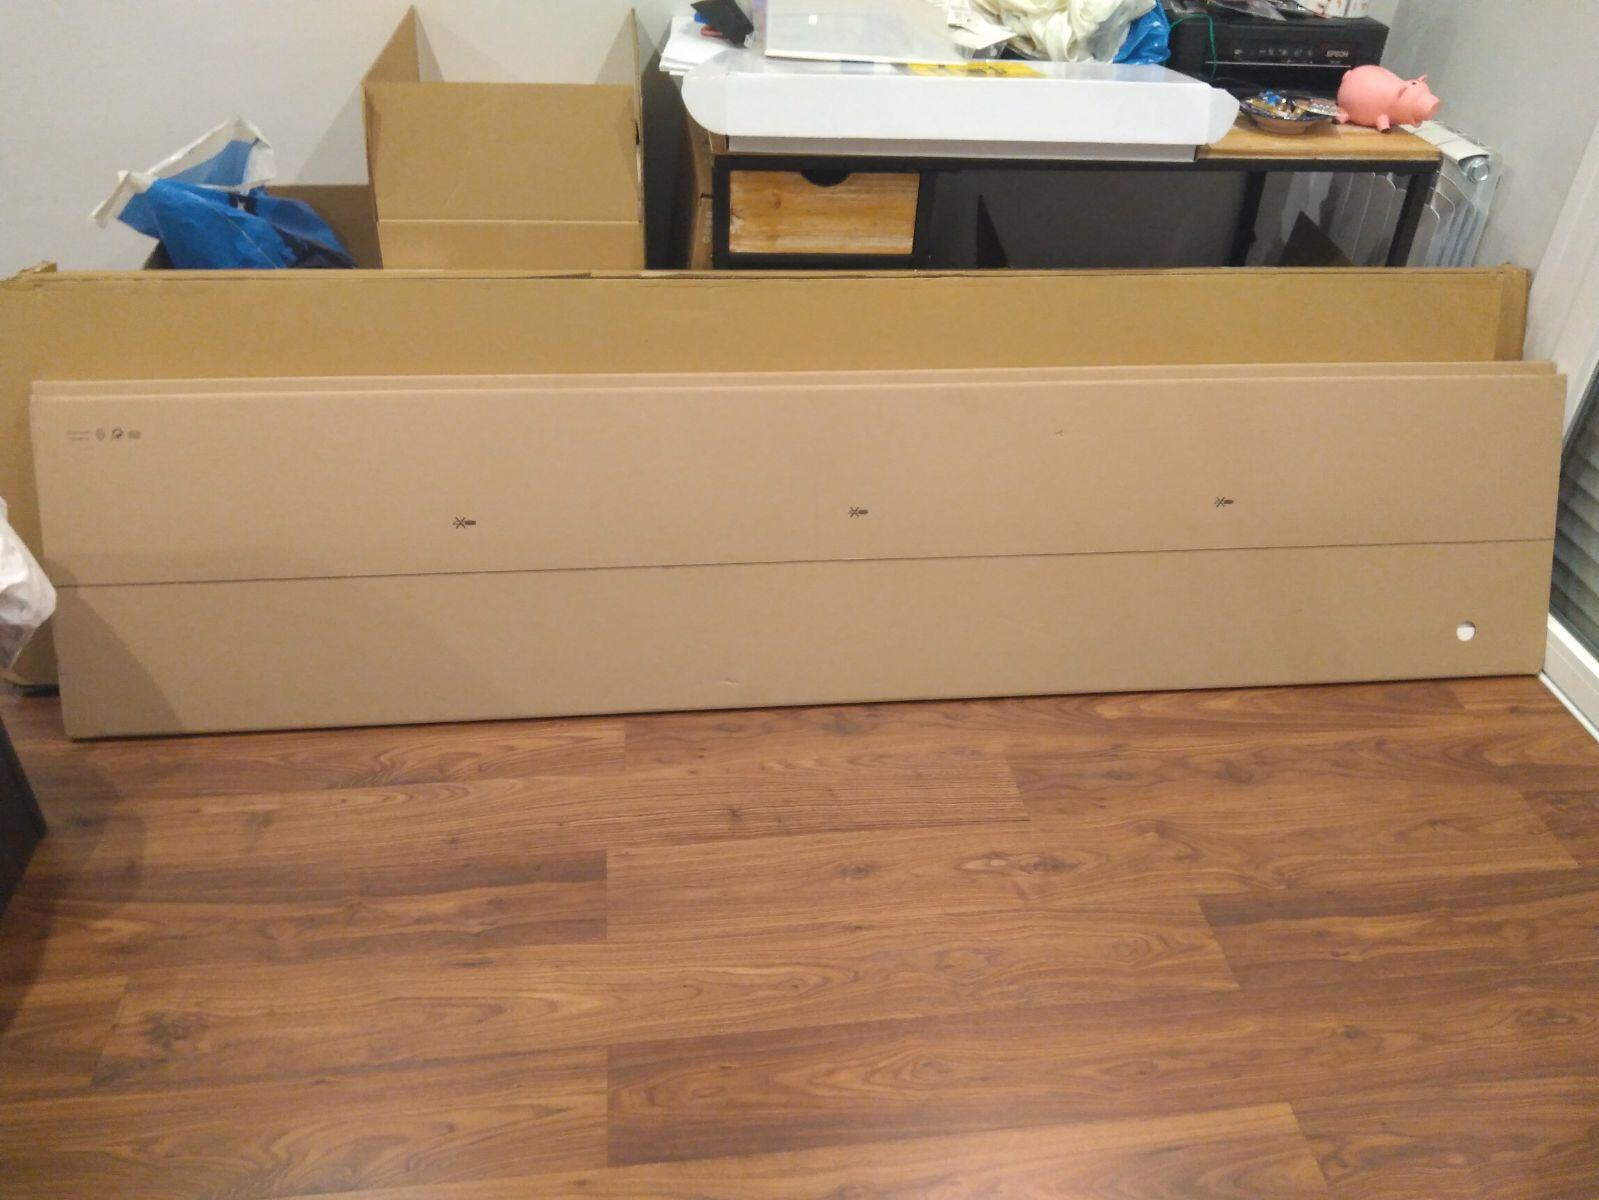 Mi Experiencia En Ikea No Diga Ikea Diga Infierno Super  # Muebles Mio Suecos